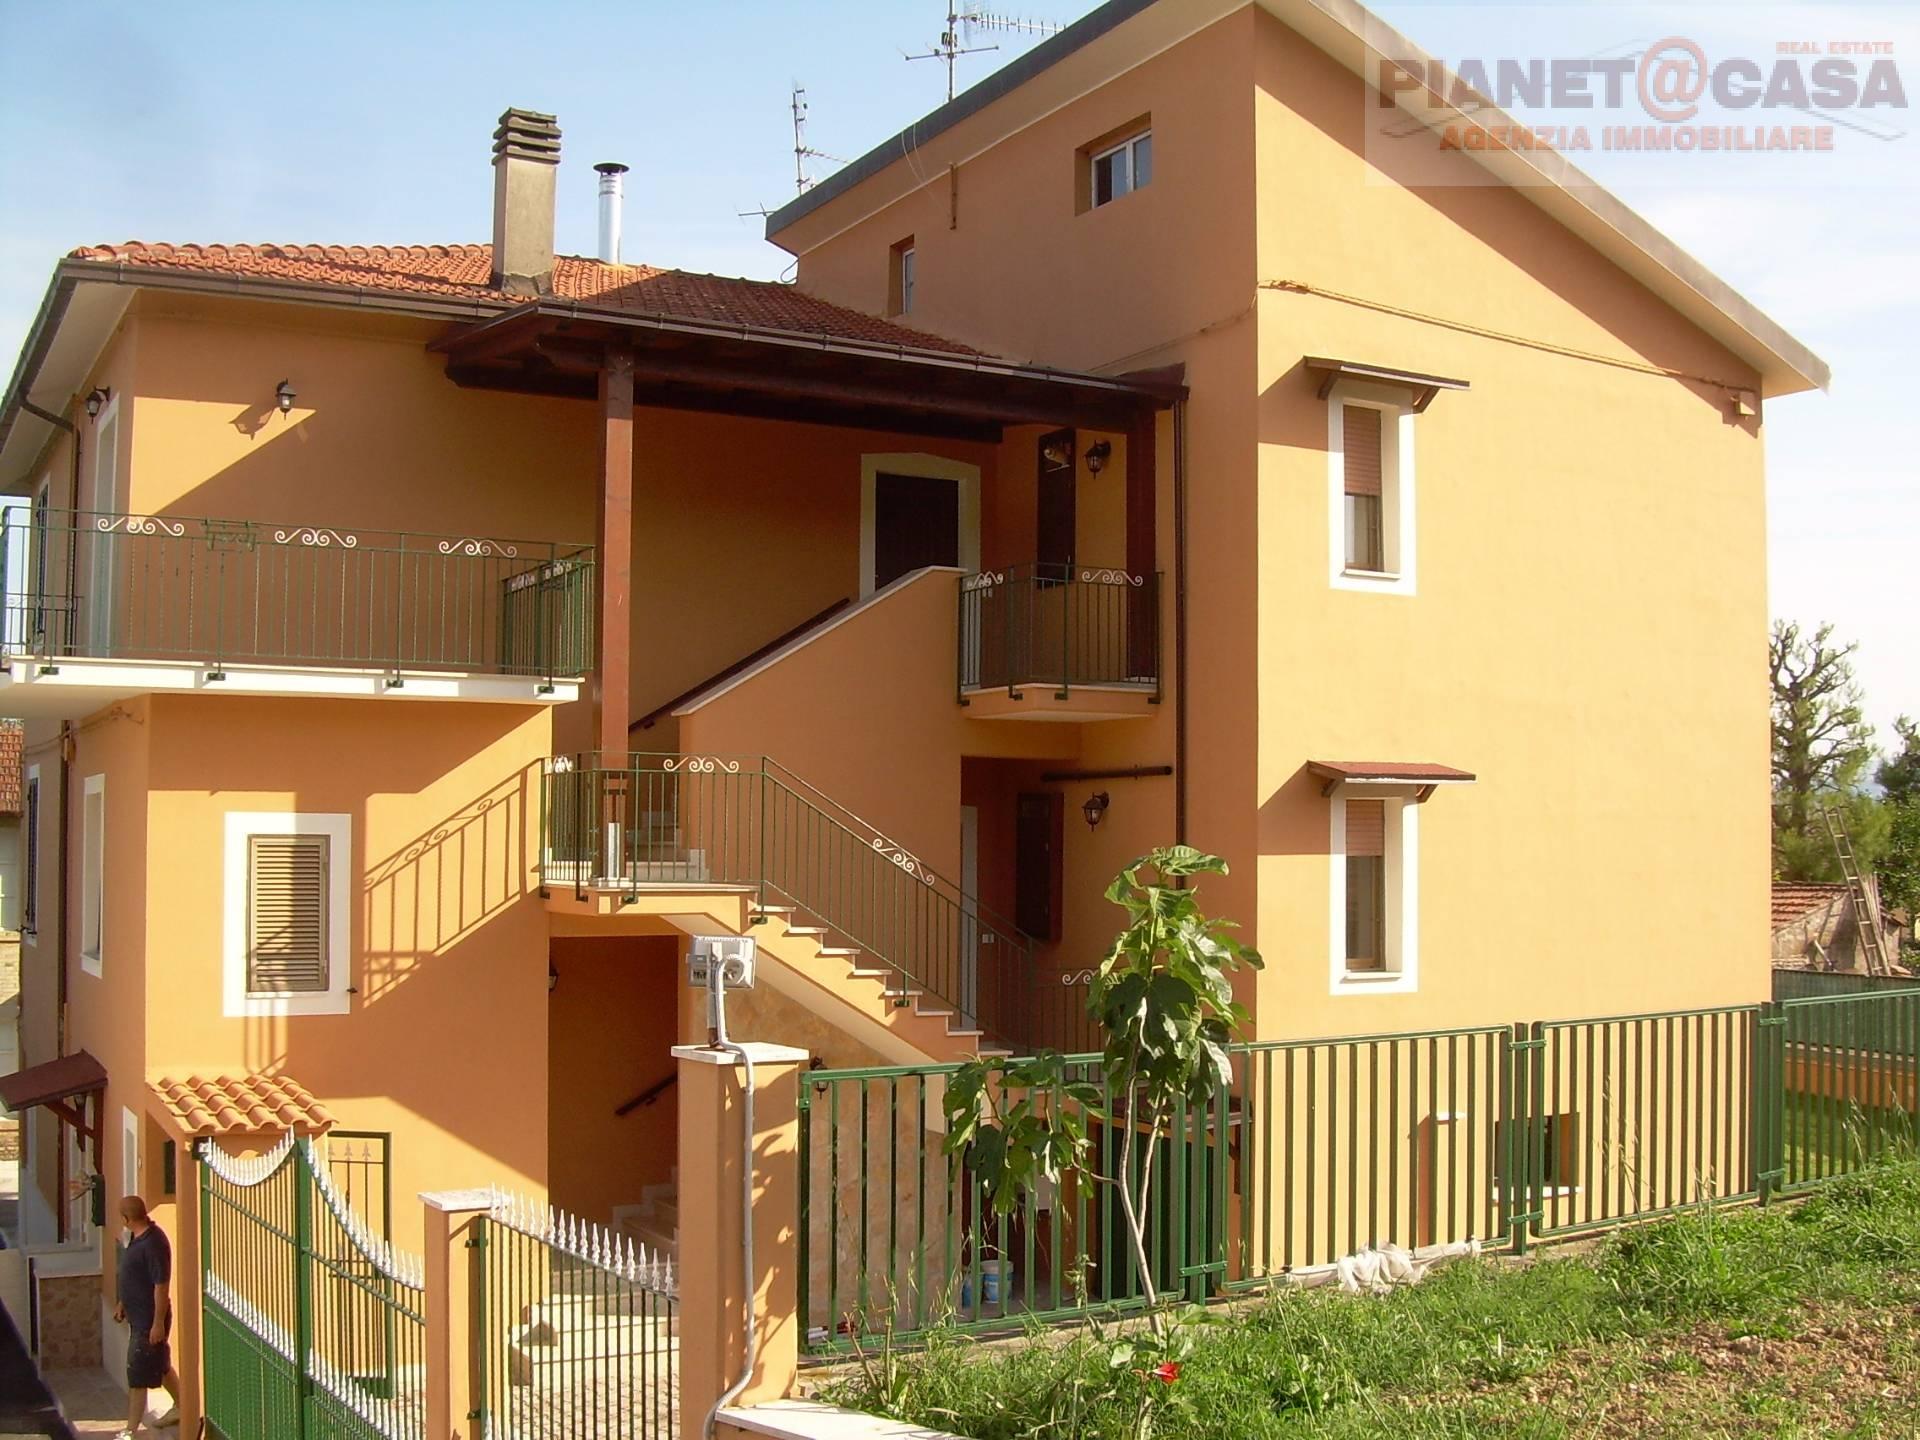 Appartamento in vendita a Colli del Tronto, 9 locali, prezzo € 229.000 | CambioCasa.it